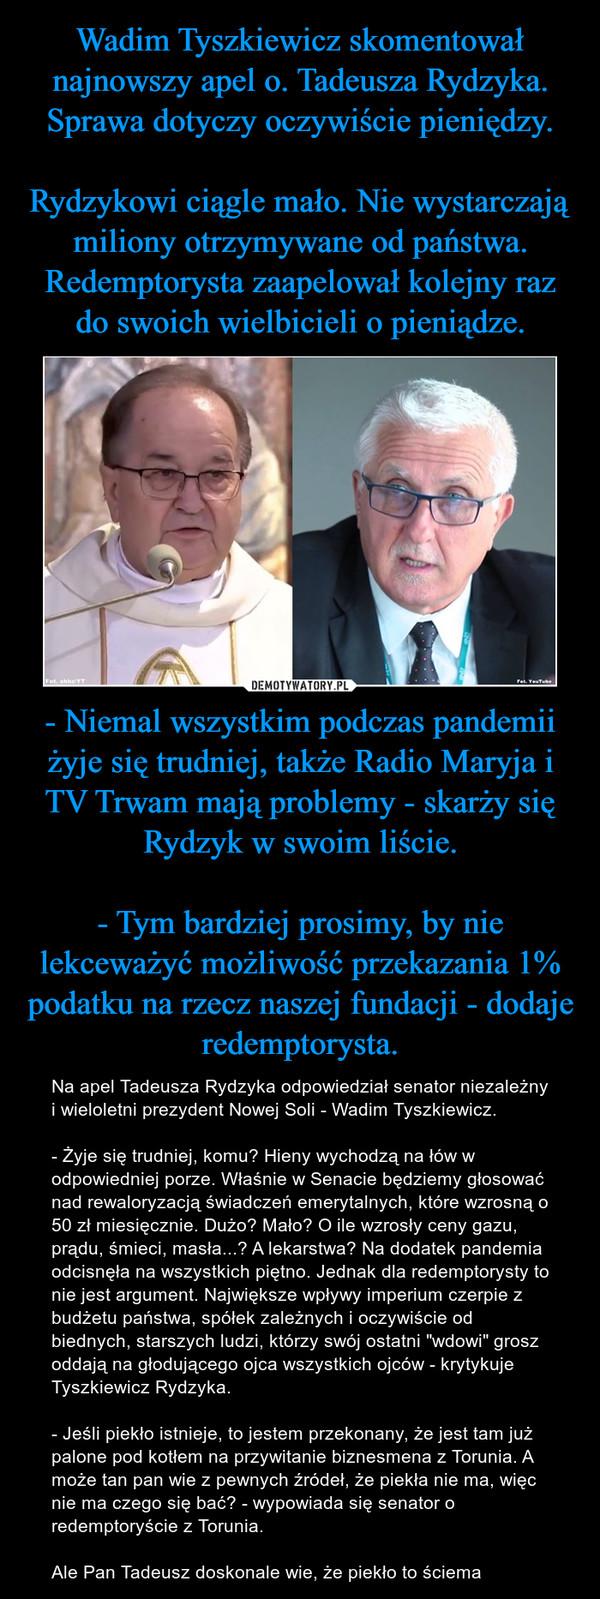 """- Niemal wszystkim podczas pandemii żyje się trudniej, także Radio Maryja i TV Trwam mają problemy - skarży się Rydzyk w swoim liście.- Tym bardziej prosimy, by nie lekceważyć możliwość przekazania 1% podatku na rzecz naszej fundacji - dodaje redemptorysta. – Na apel Tadeusza Rydzyka odpowiedział senator niezależny i wieloletni prezydent Nowej Soli - Wadim Tyszkiewicz.- Żyje się trudniej, komu? Hieny wychodzą na łów w odpowiedniej porze. Właśnie w Senacie będziemy głosować nad rewaloryzacją świadczeń emerytalnych, które wzrosną o 50 zł miesięcznie. Dużo? Mało? O ile wzrosły ceny gazu, prądu, śmieci, masła...? A lekarstwa? Na dodatek pandemia odcisnęła na wszystkich piętno. Jednak dla redemptorysty to nie jest argument. Największe wpływy imperium czerpie z budżetu państwa, spółek zależnych i oczywiście od biednych, starszych ludzi, którzy swój ostatni """"wdowi"""" grosz oddają na głodującego ojca wszystkich ojców - krytykuje Tyszkiewicz Rydzyka.- Jeśli piekło istnieje, to jestem przekonany, że jest tam już palone pod kotłem na przywitanie biznesmena z Torunia. A może tan pan wie z pewnych źródeł, że piekła nie ma, więc nie ma czego się bać? - wypowiada się senator o redemptoryście z Torunia.Ale Pan Tadeusz doskonale wie, że piekło to ściema"""